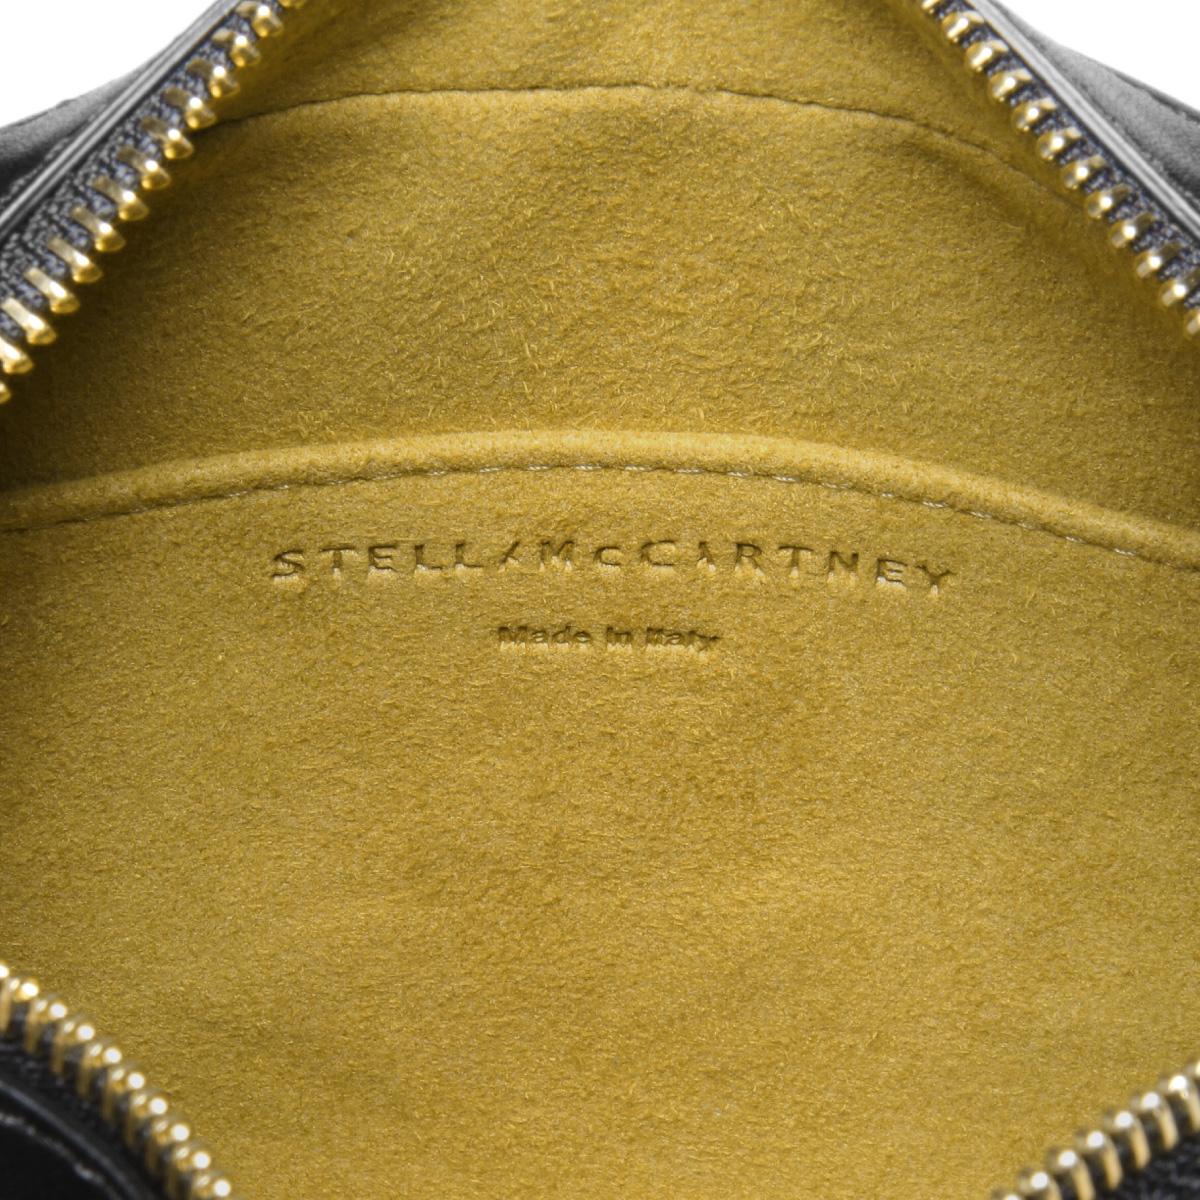 STELLA McCARTNEY ステラ マッカートニー | ショルダー付 トートバッグ スモール